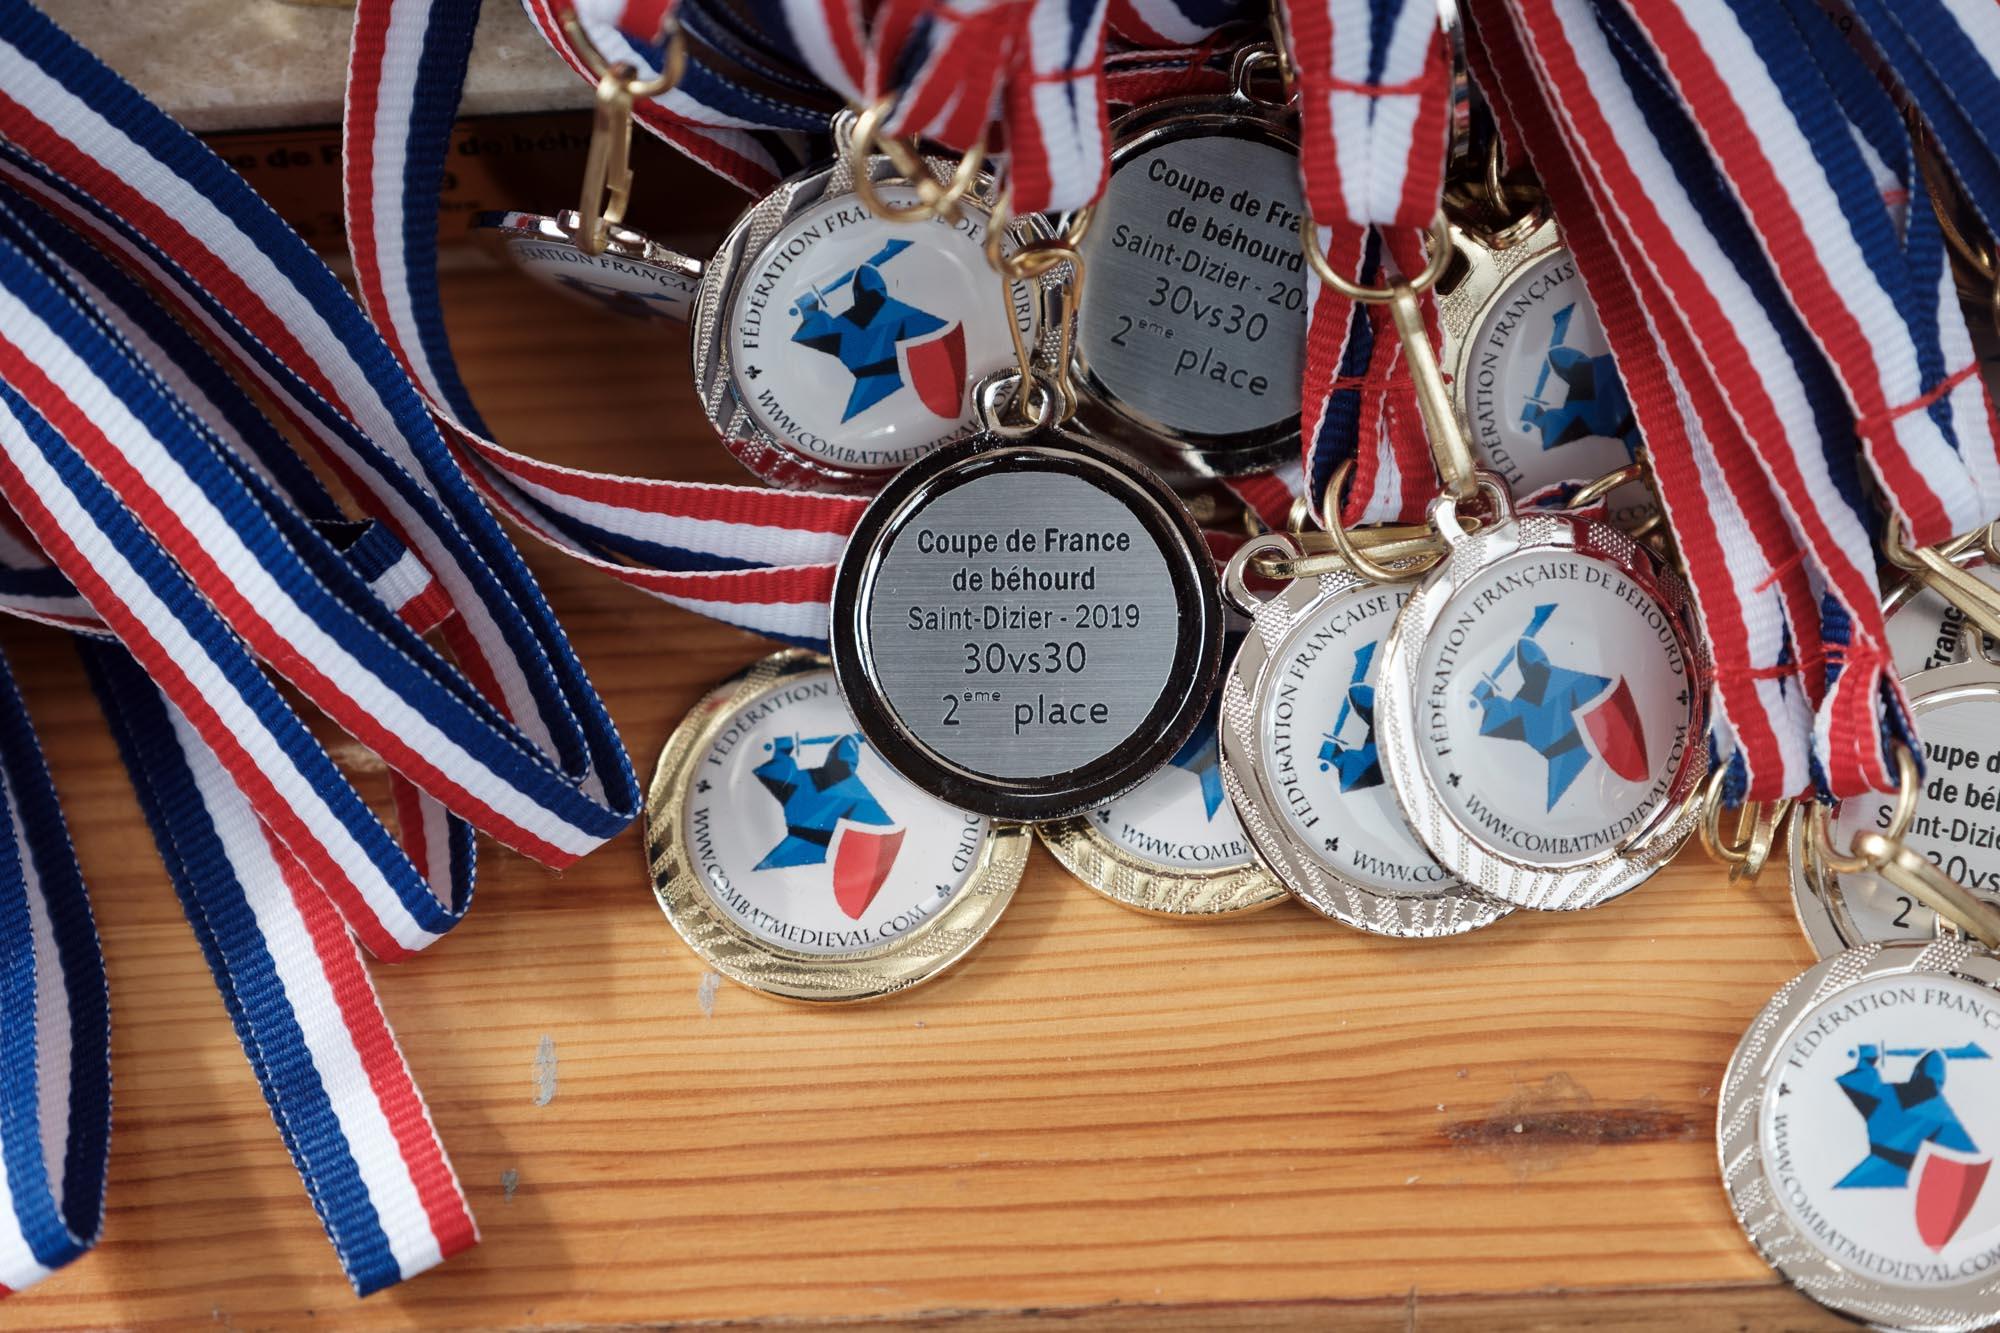 Détails des médailles pour la seconde place en combat de 30 contre 30. Championnat de France de Saint Dizier. mars 2019.